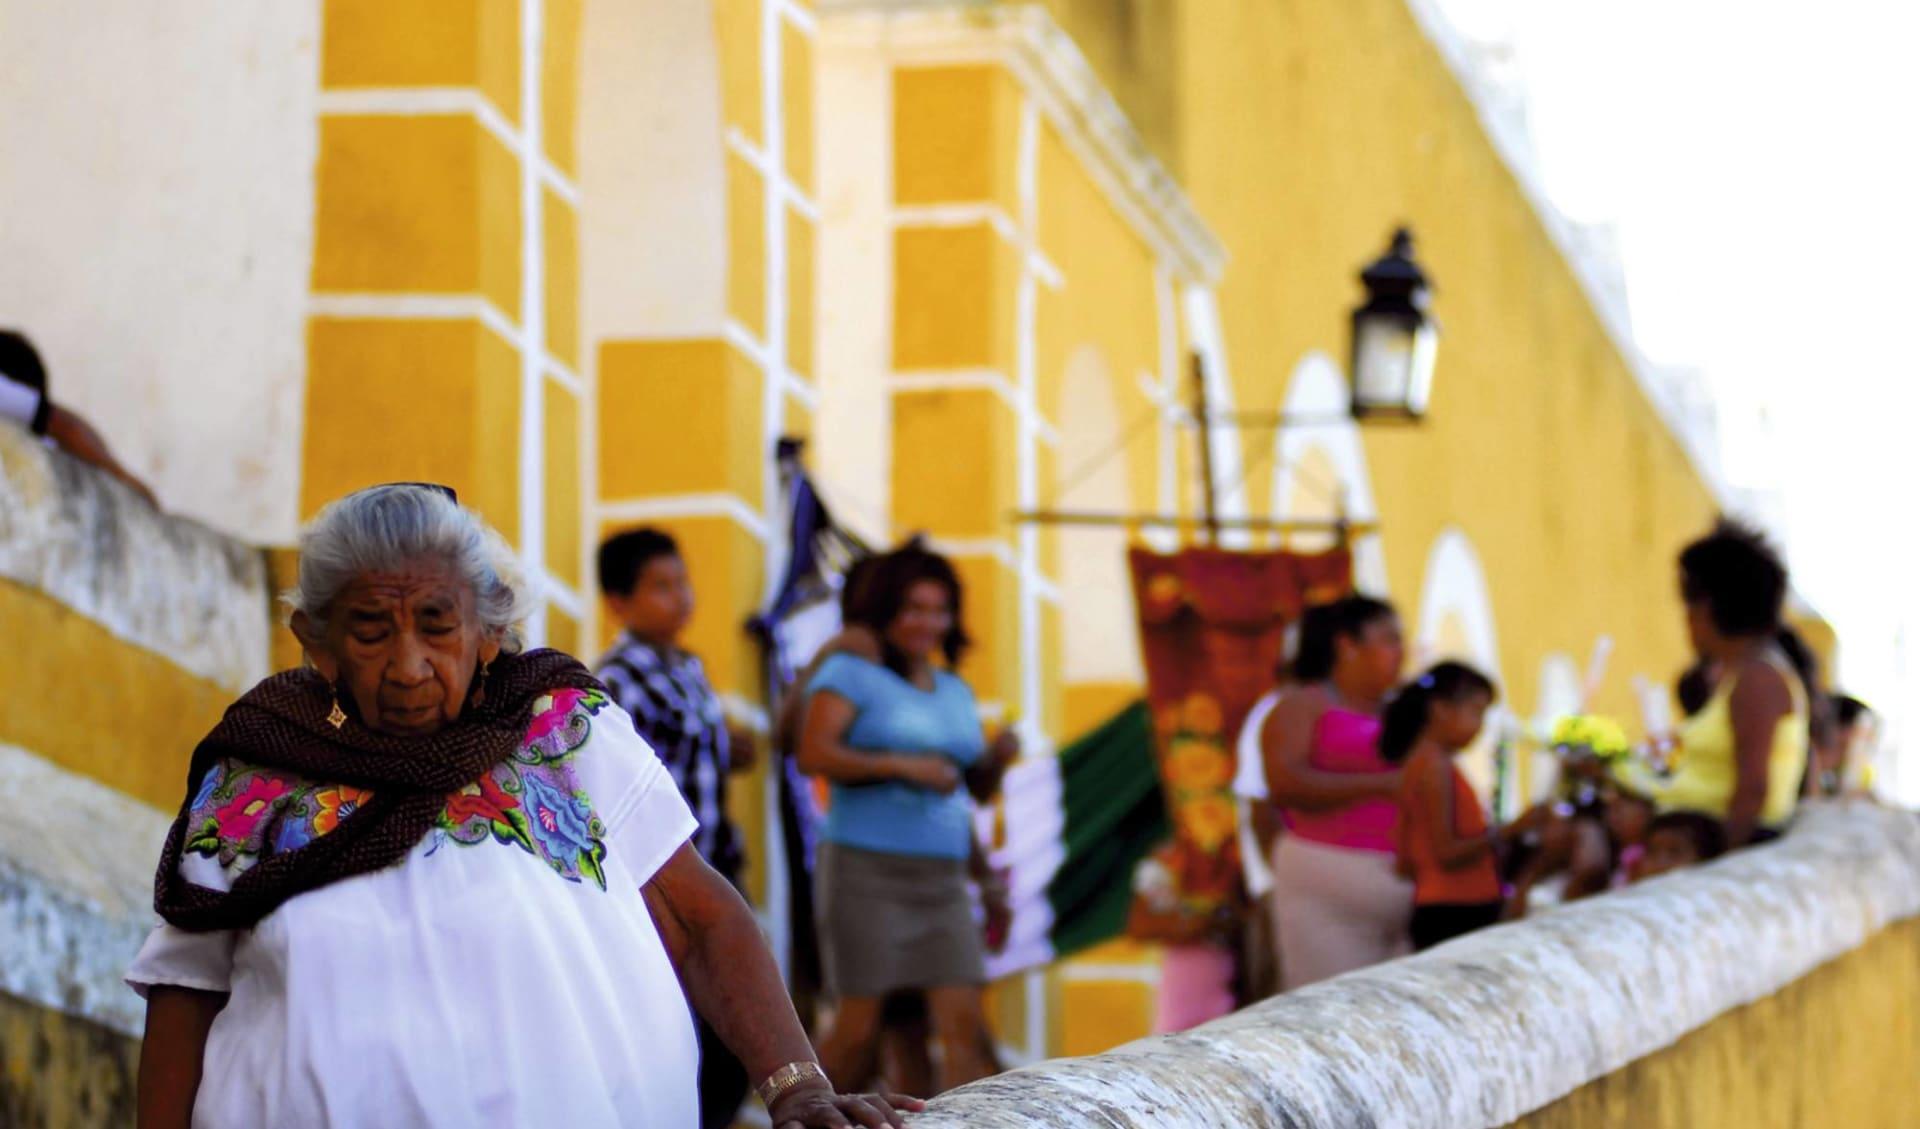 Gruppenreise Mini Yucatán ab Cancun: Mexico - Yucatan - Frauen vor einem gelben Haus